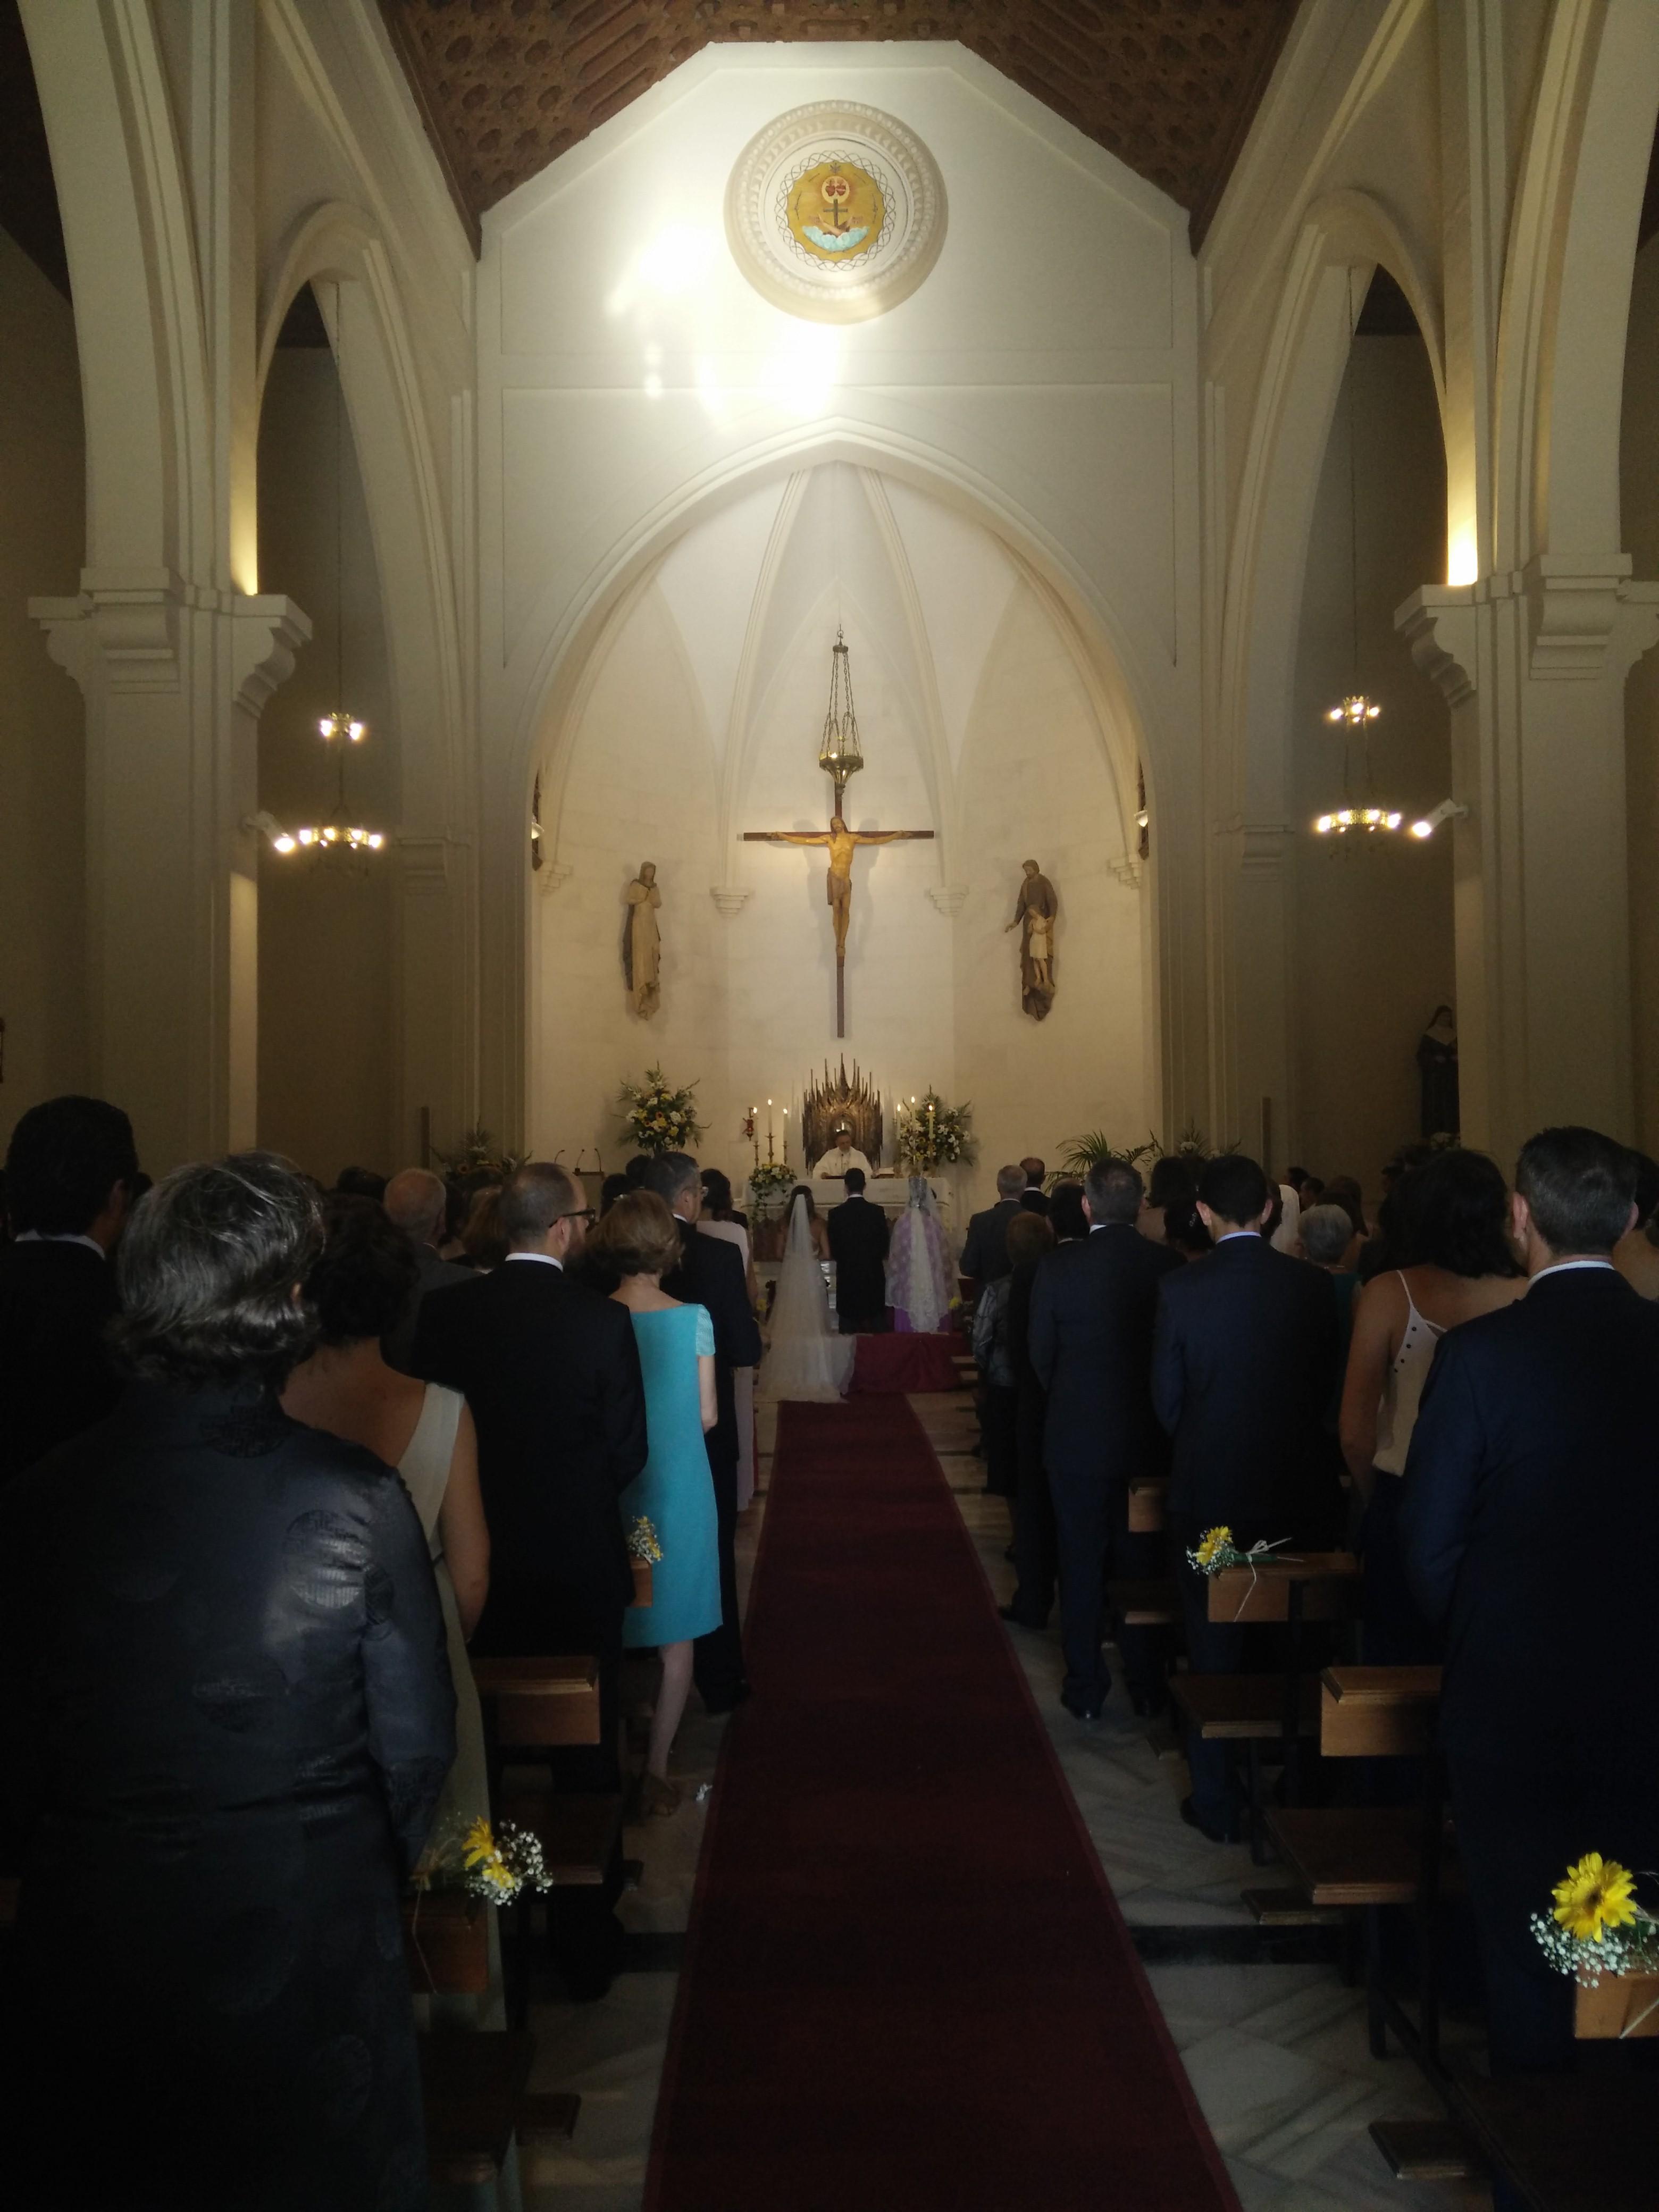 Ceremonia De Matrimonio Catolico : Católico ceremonia de boda música — cuadros